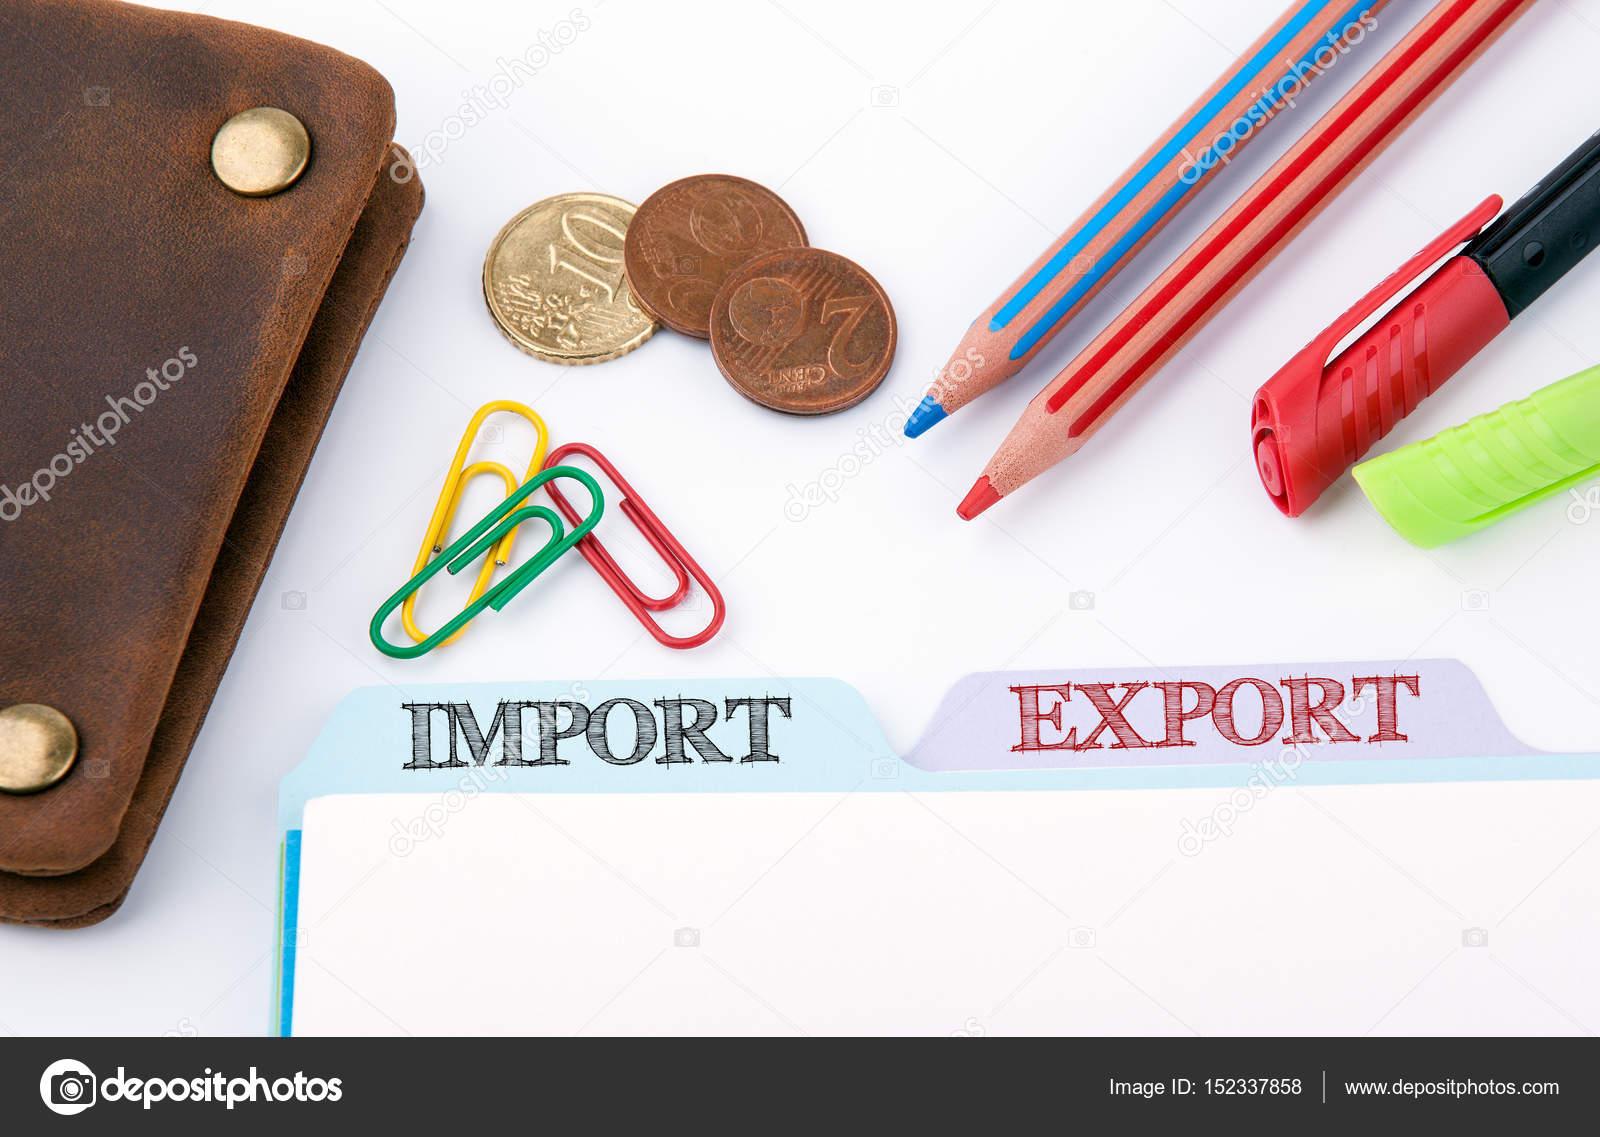 Ufficio Di Registro : Importazione ed esportazione. cartella di registro su un tavolo di